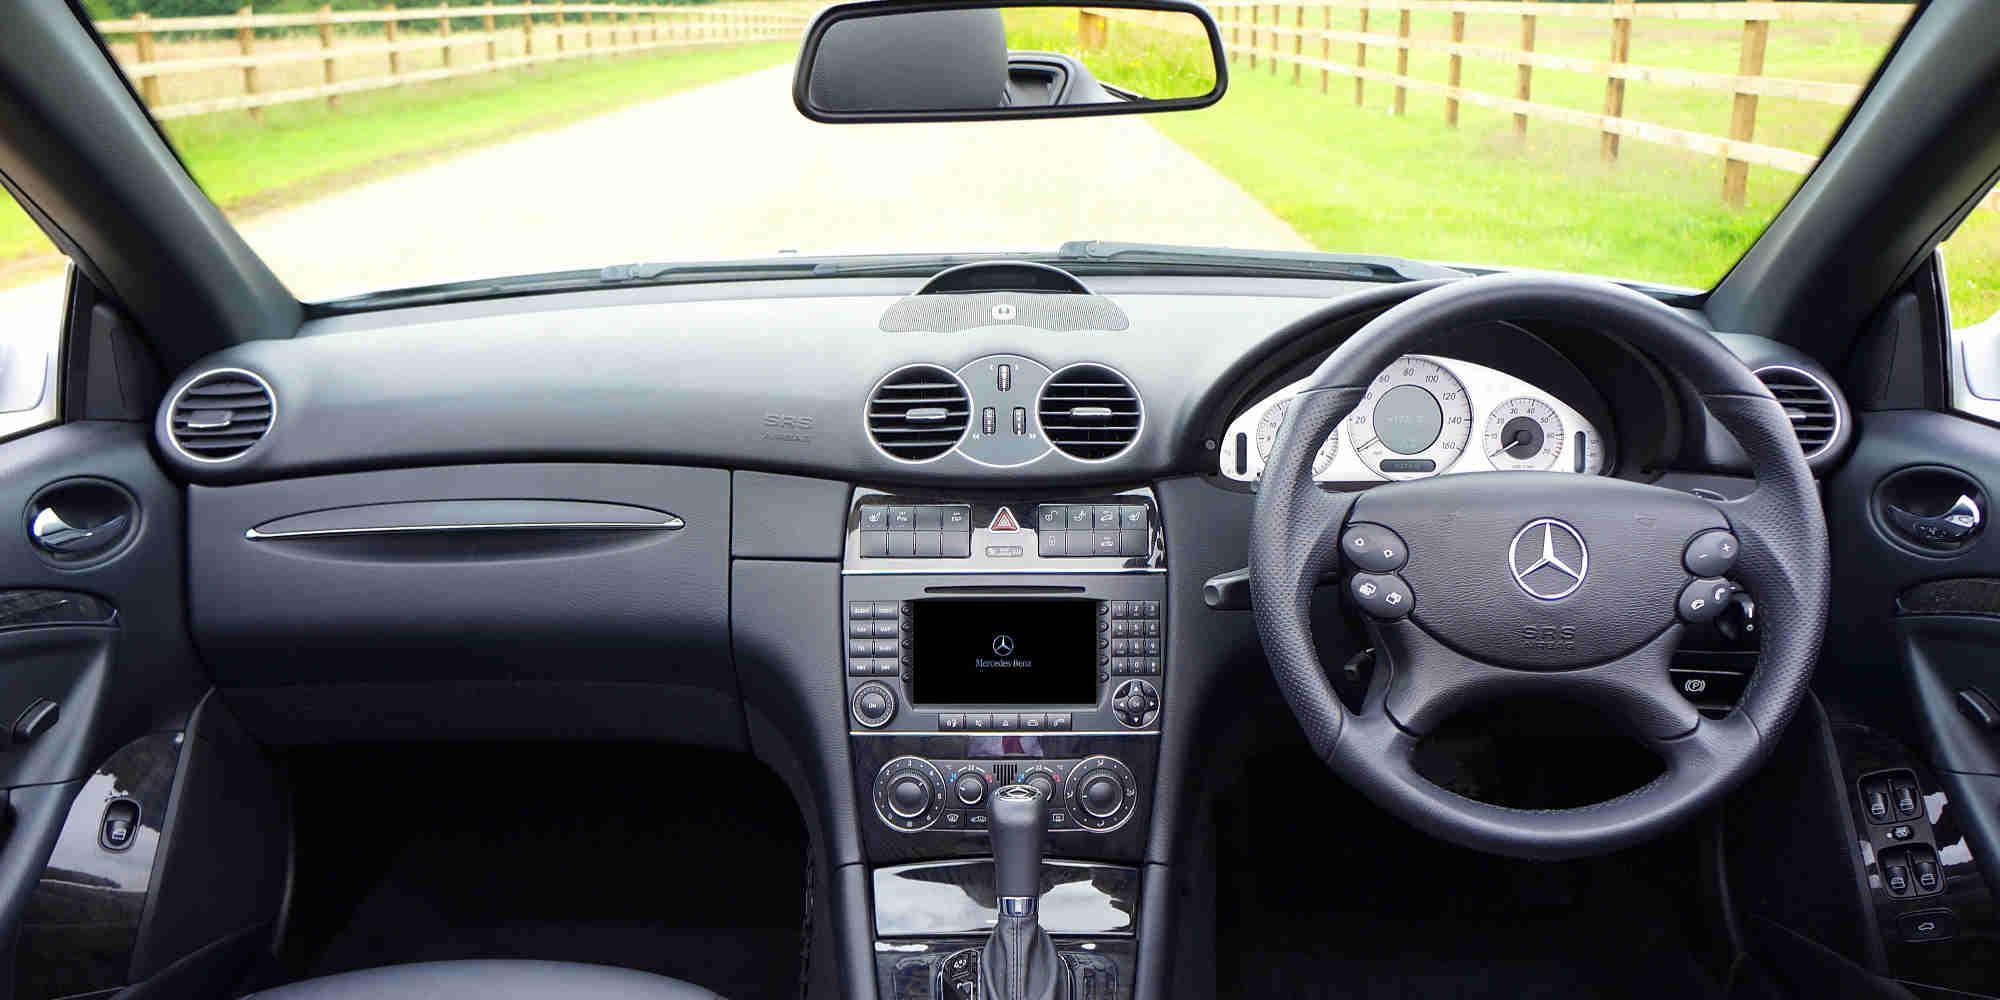 Cornhill Direct Car Insurance